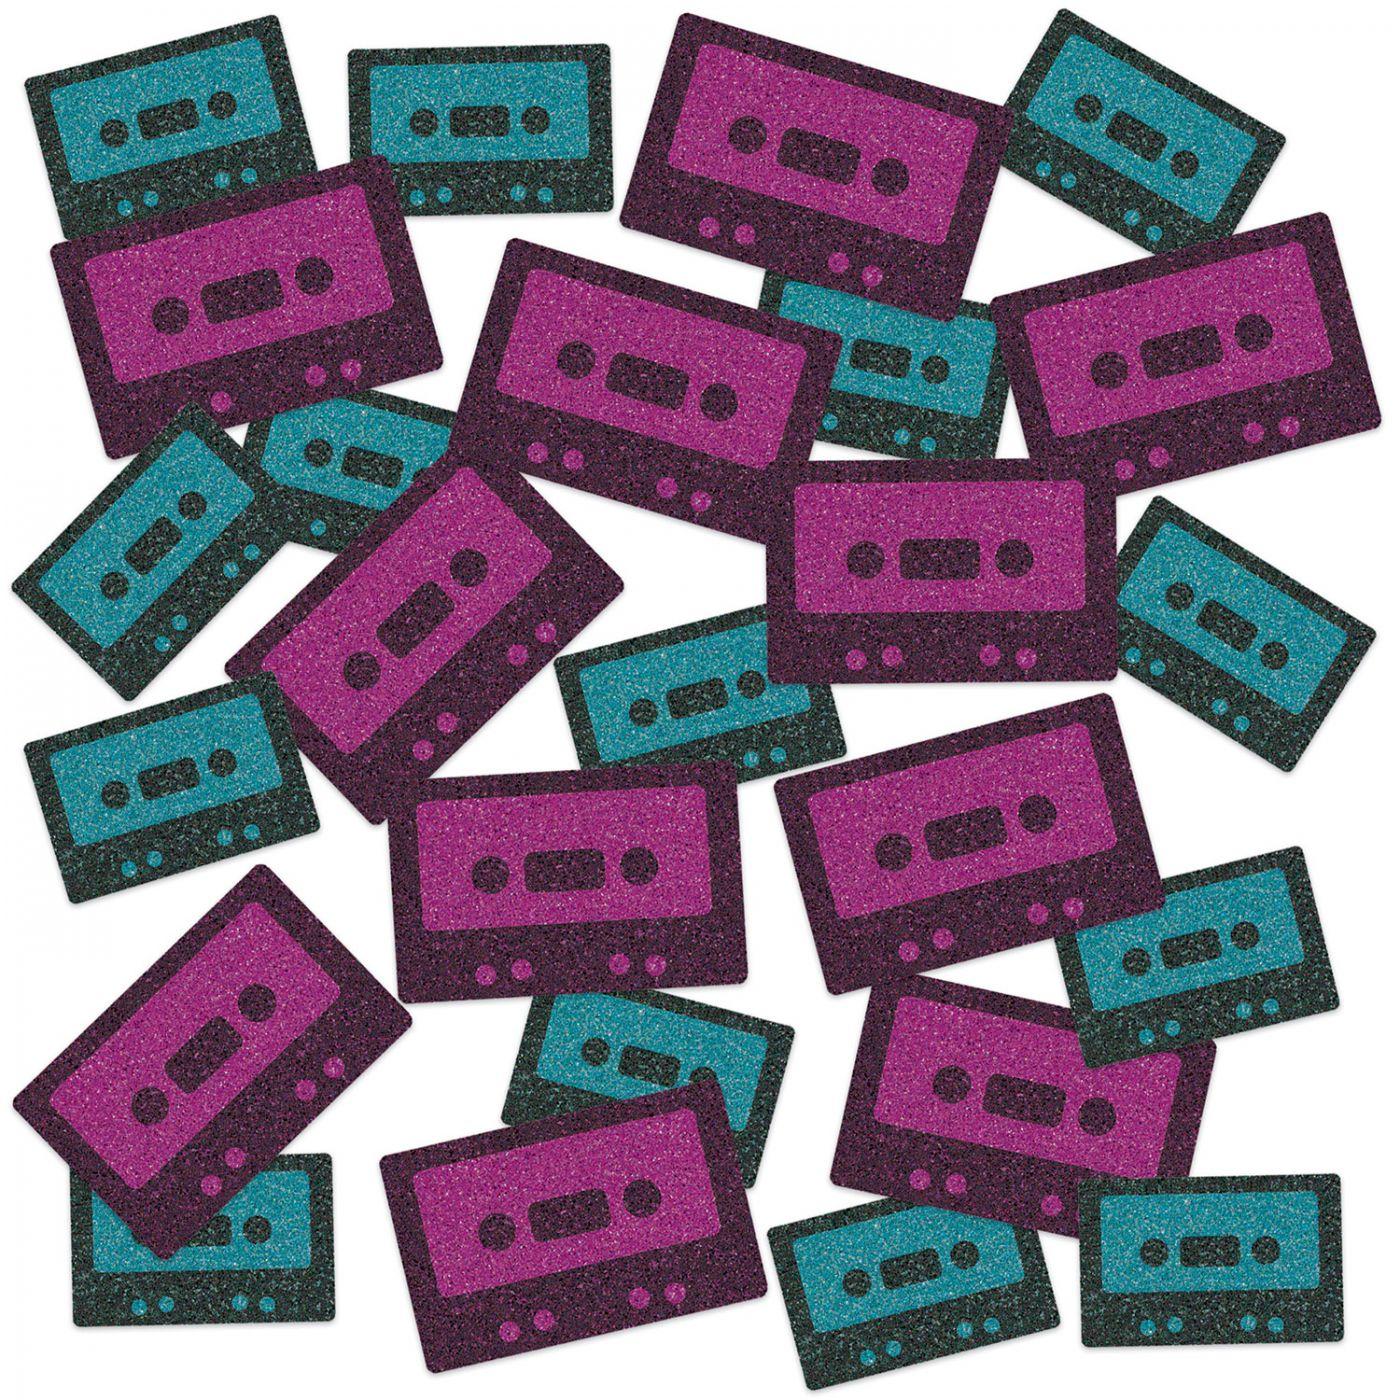 Cassette Tape Deluxe Sparkle Confetti image